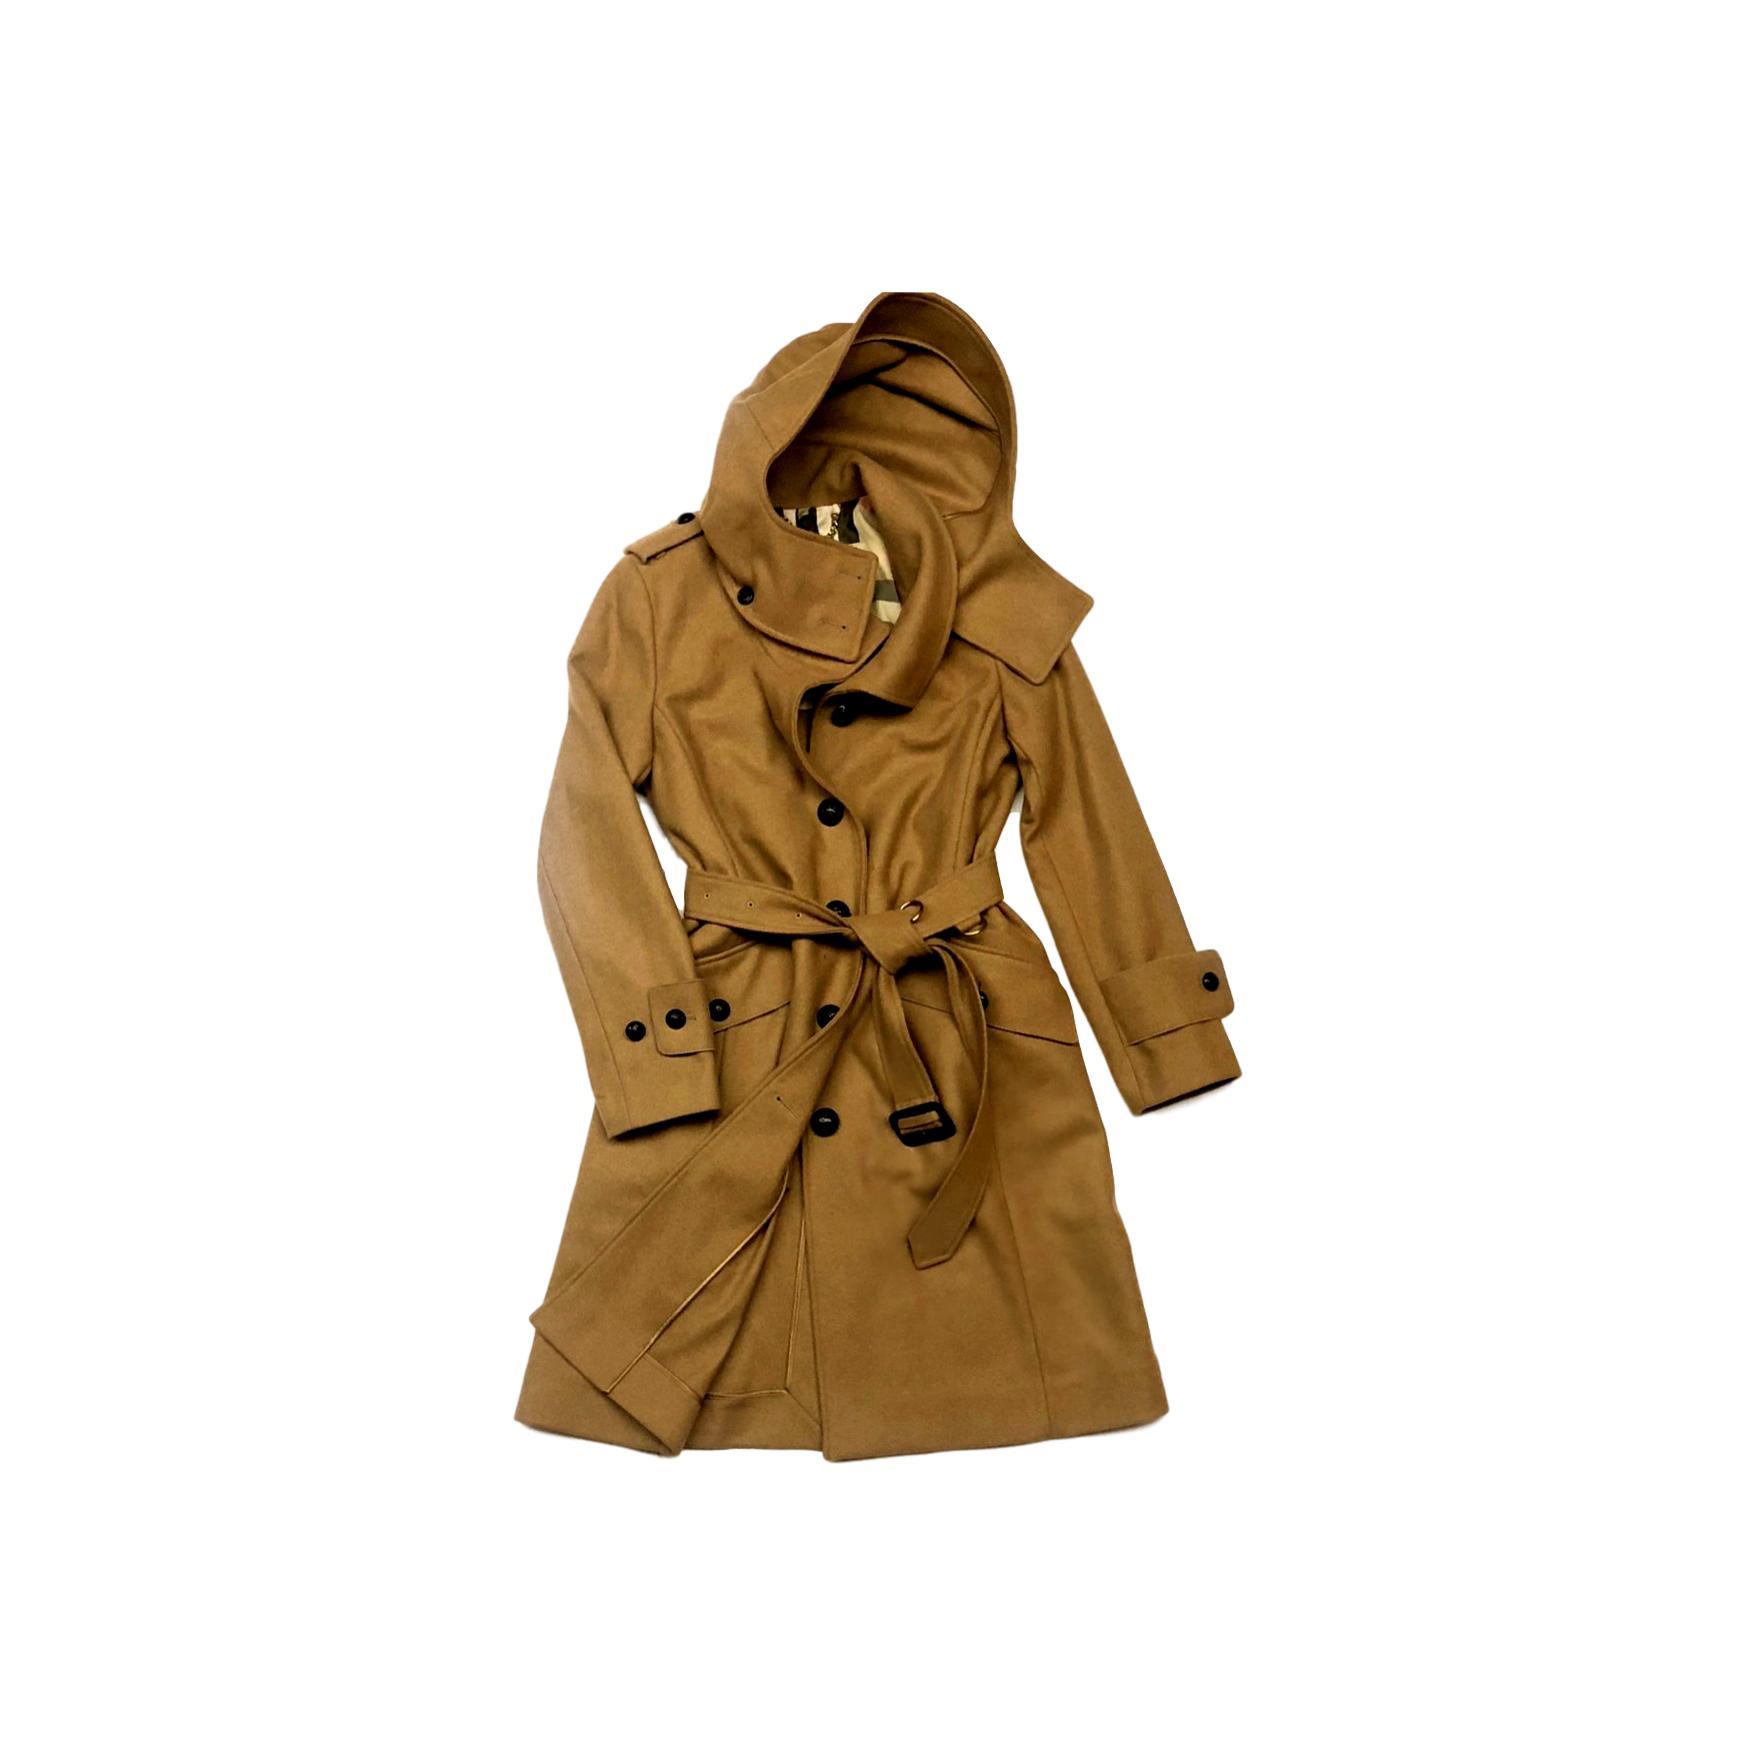 Купить пальто Burberry за 29000 руб. в интернет магазине - бутике с ... 3226fe028e236